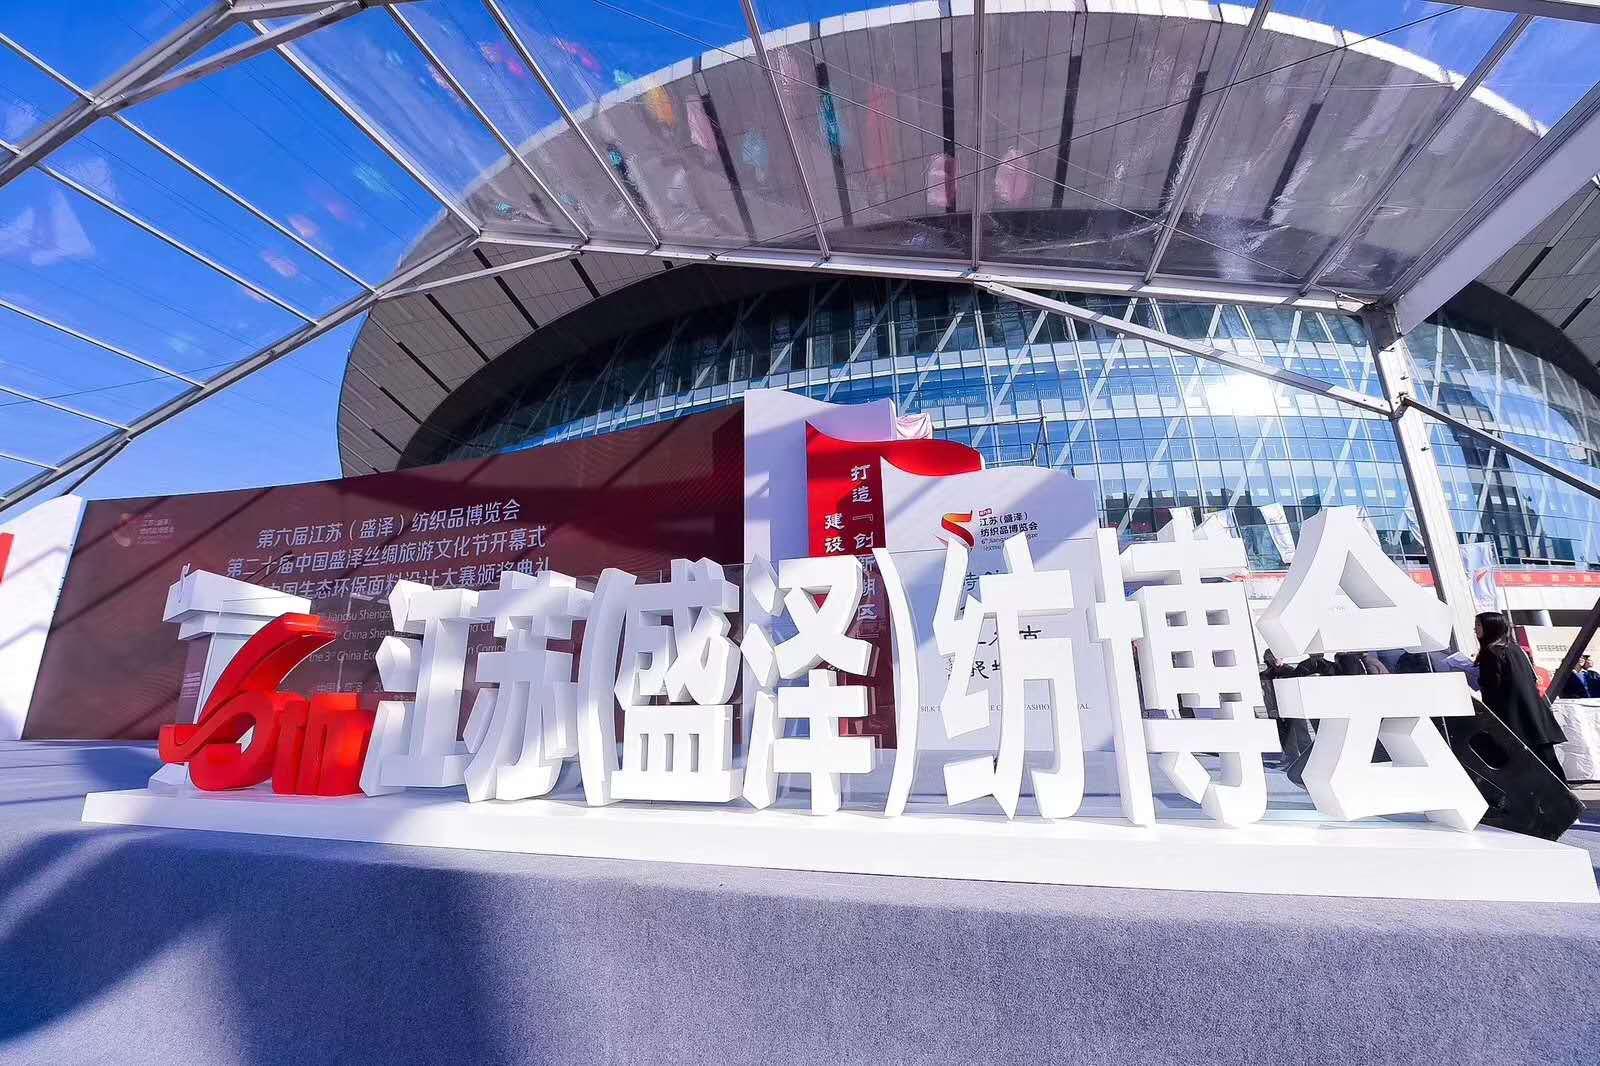 江苏(盛泽)纺织品博览会